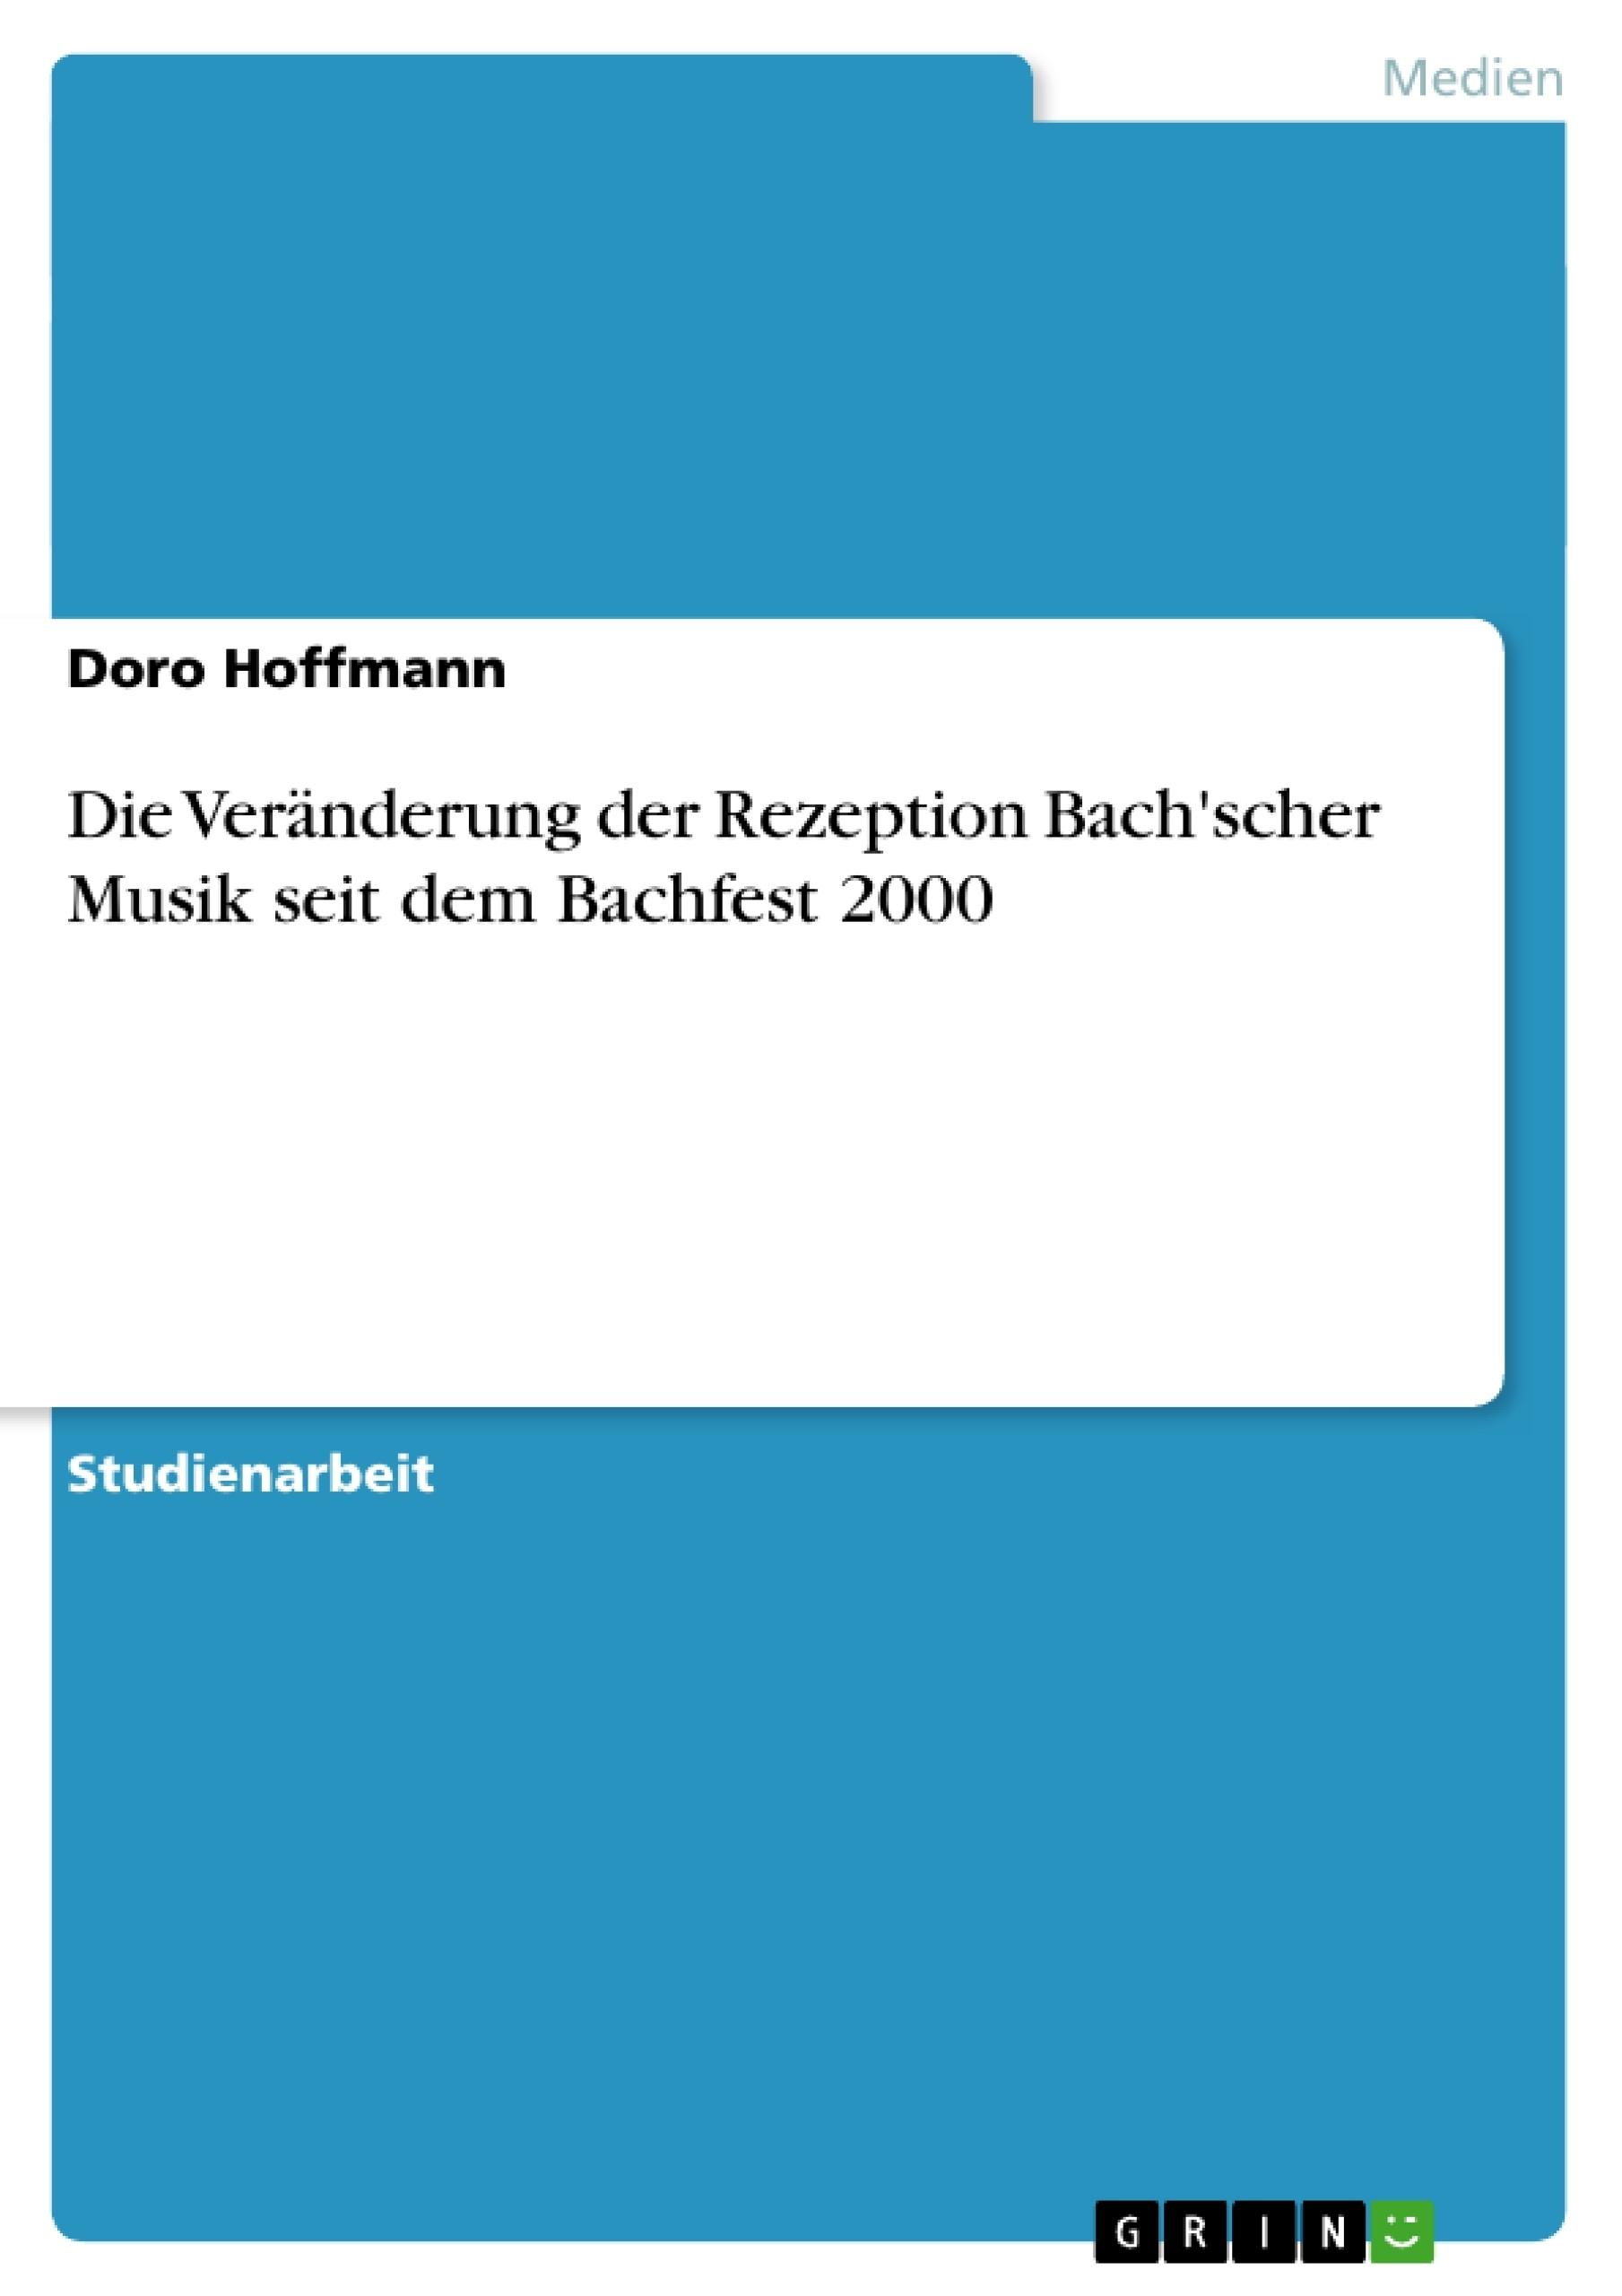 Titel: Die Veränderung der Rezeption Bach'scher Musik seit dem Bachfest 2000